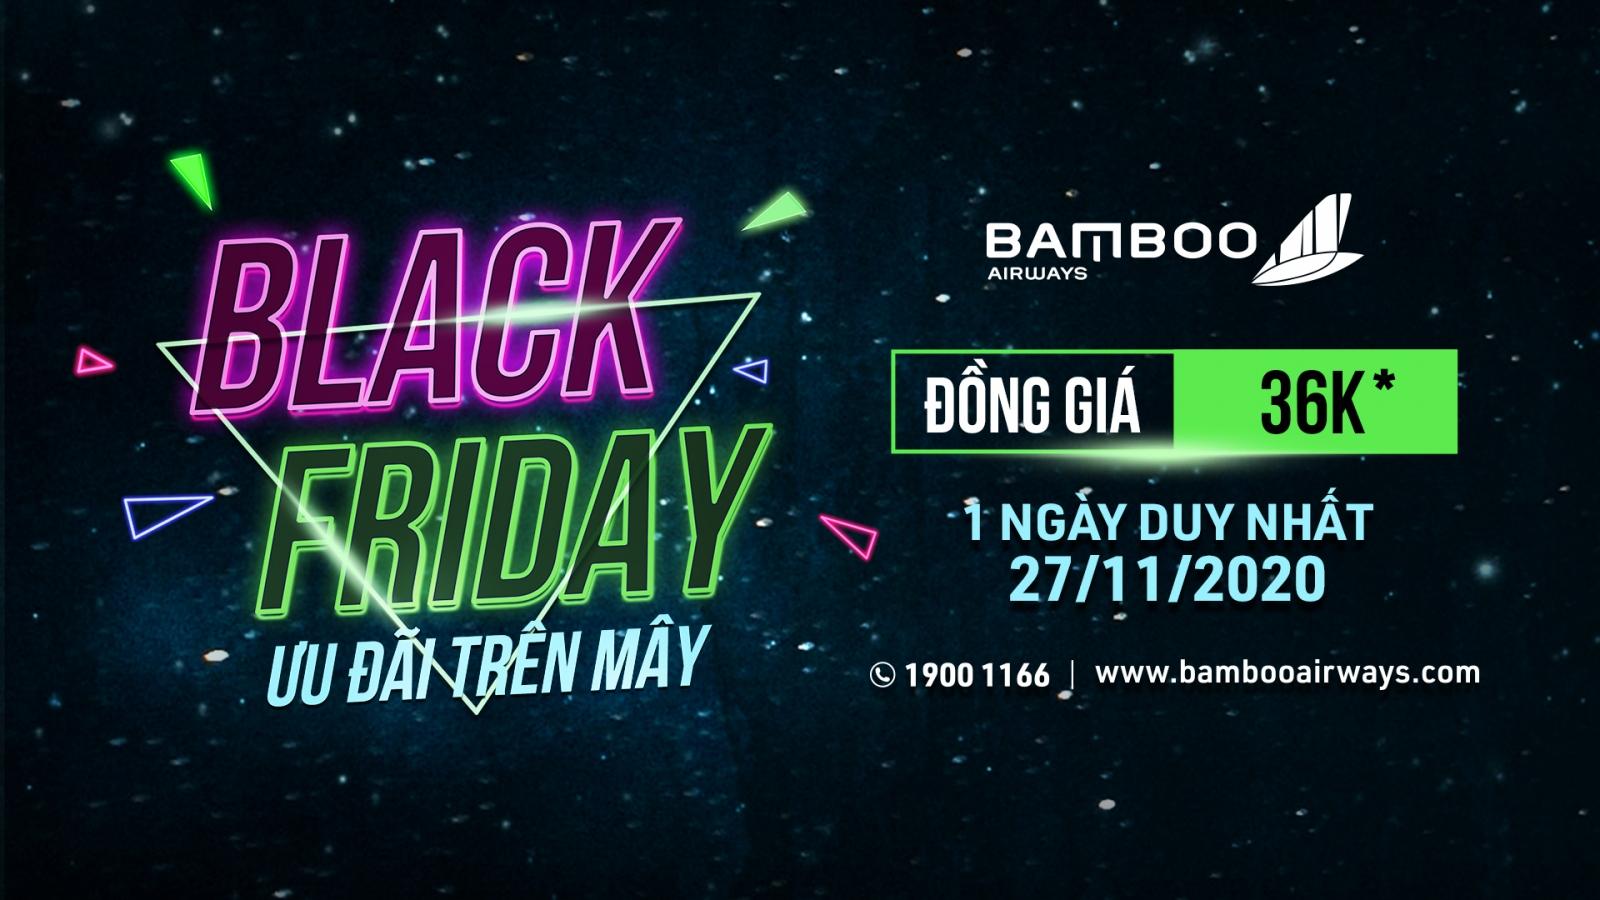 Bamboo Airways tung hàng ngàn vé giá 36.000 đồng ngày Black Friday